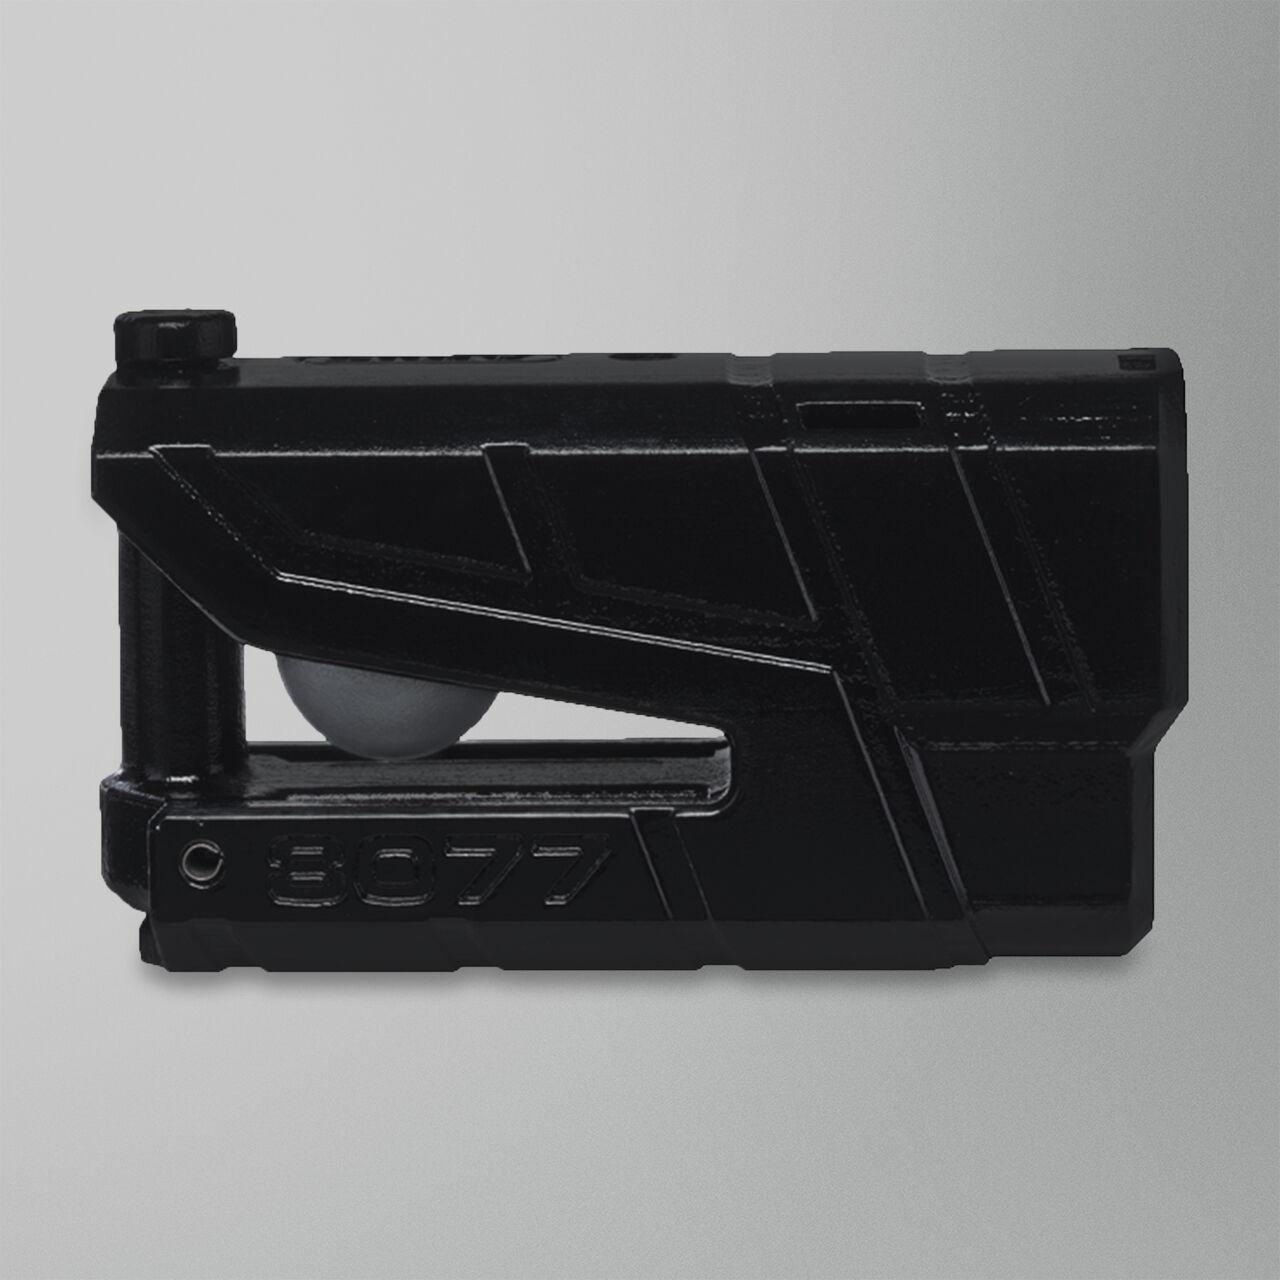 ABUS Bloccadisco  8077 Detecto Xplus Alarm